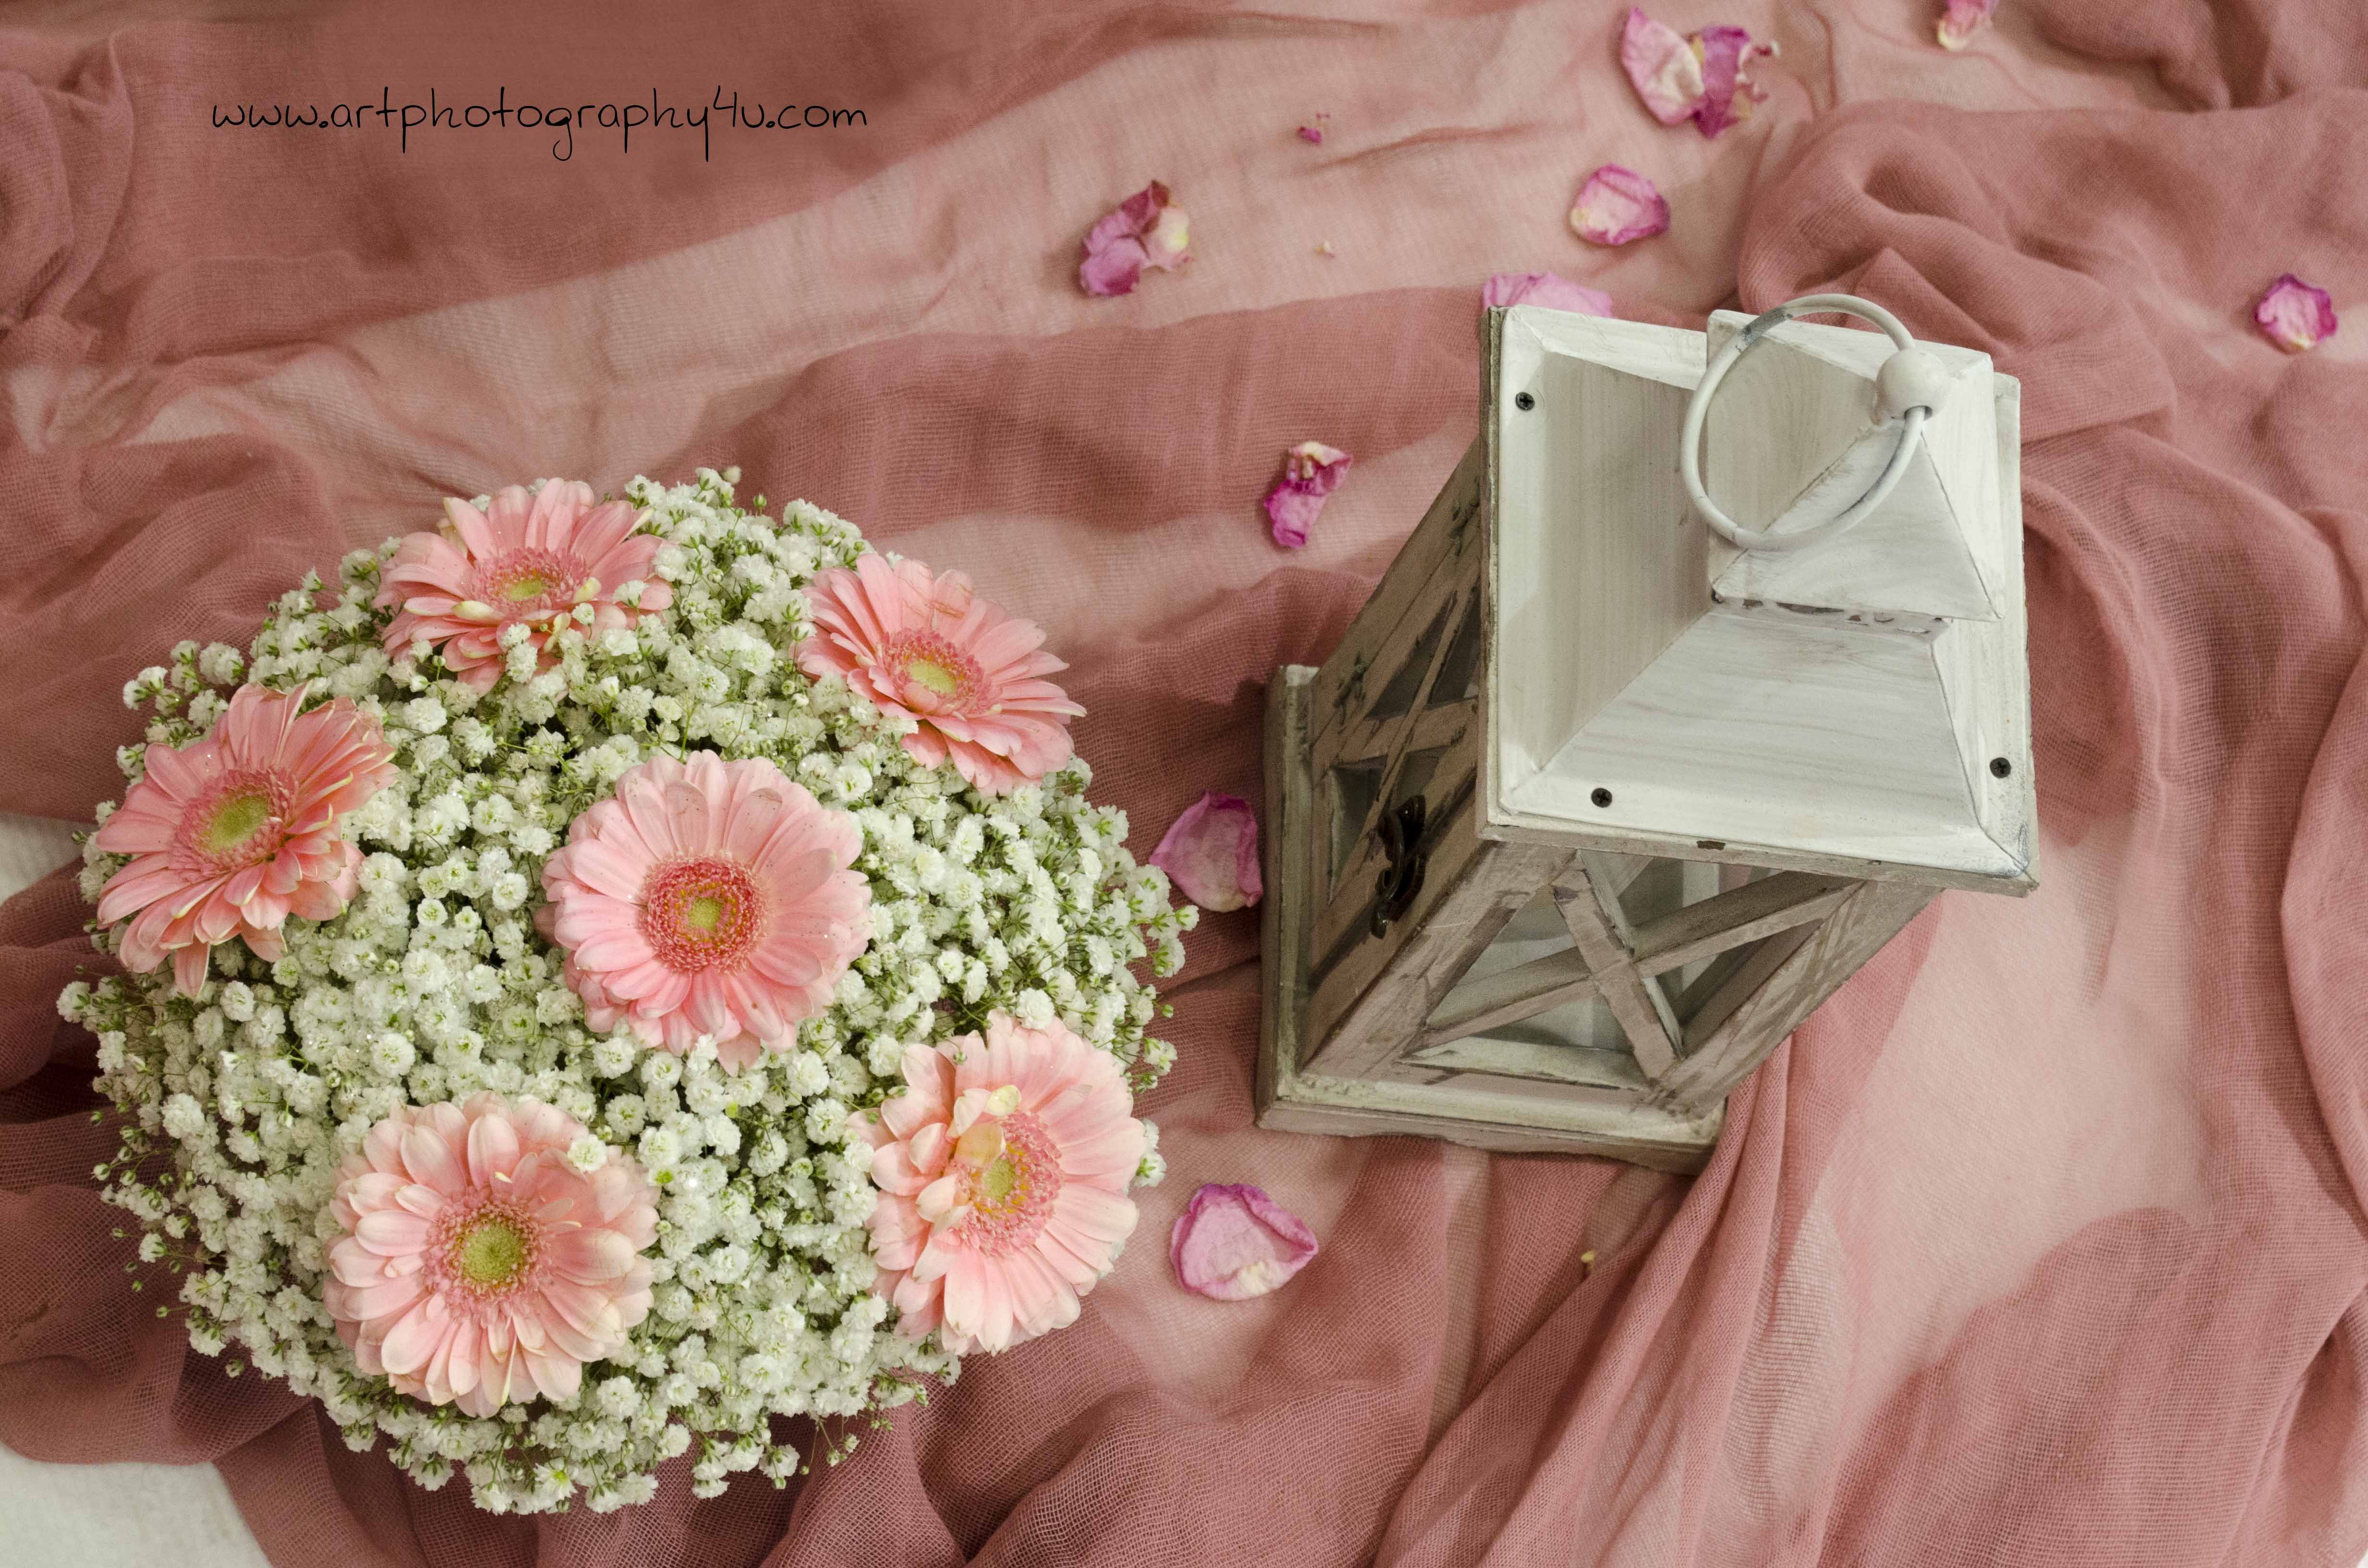 Decoration images for wedding  wedding decoration  Wedding Photography by Art Photographyu